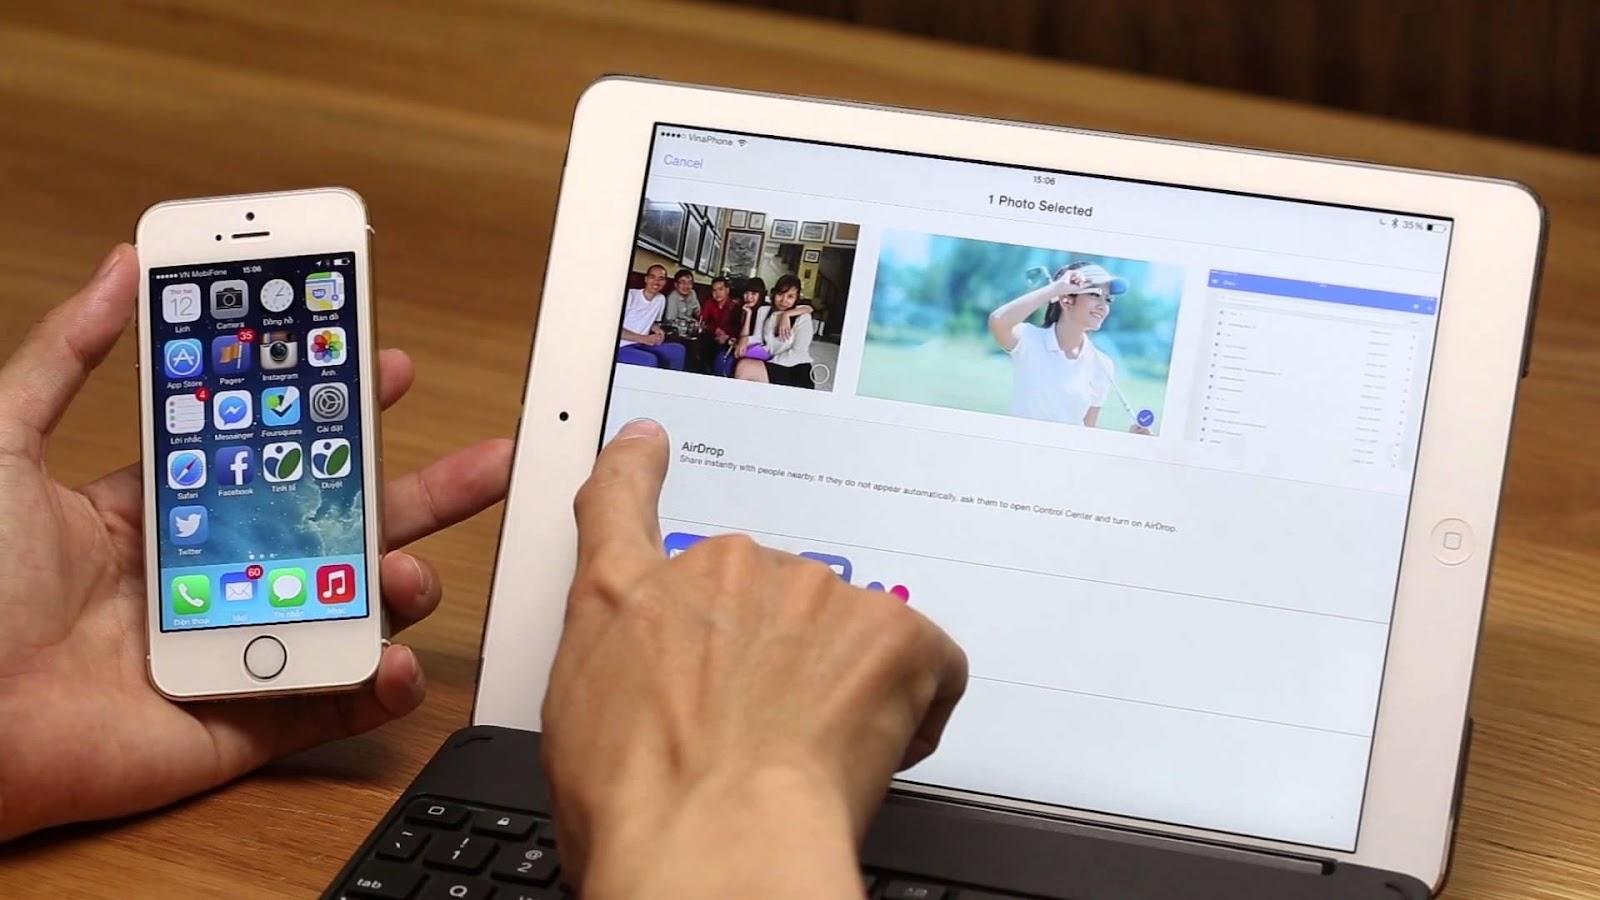 Chức năng Airdrop trên iPhone, iPad